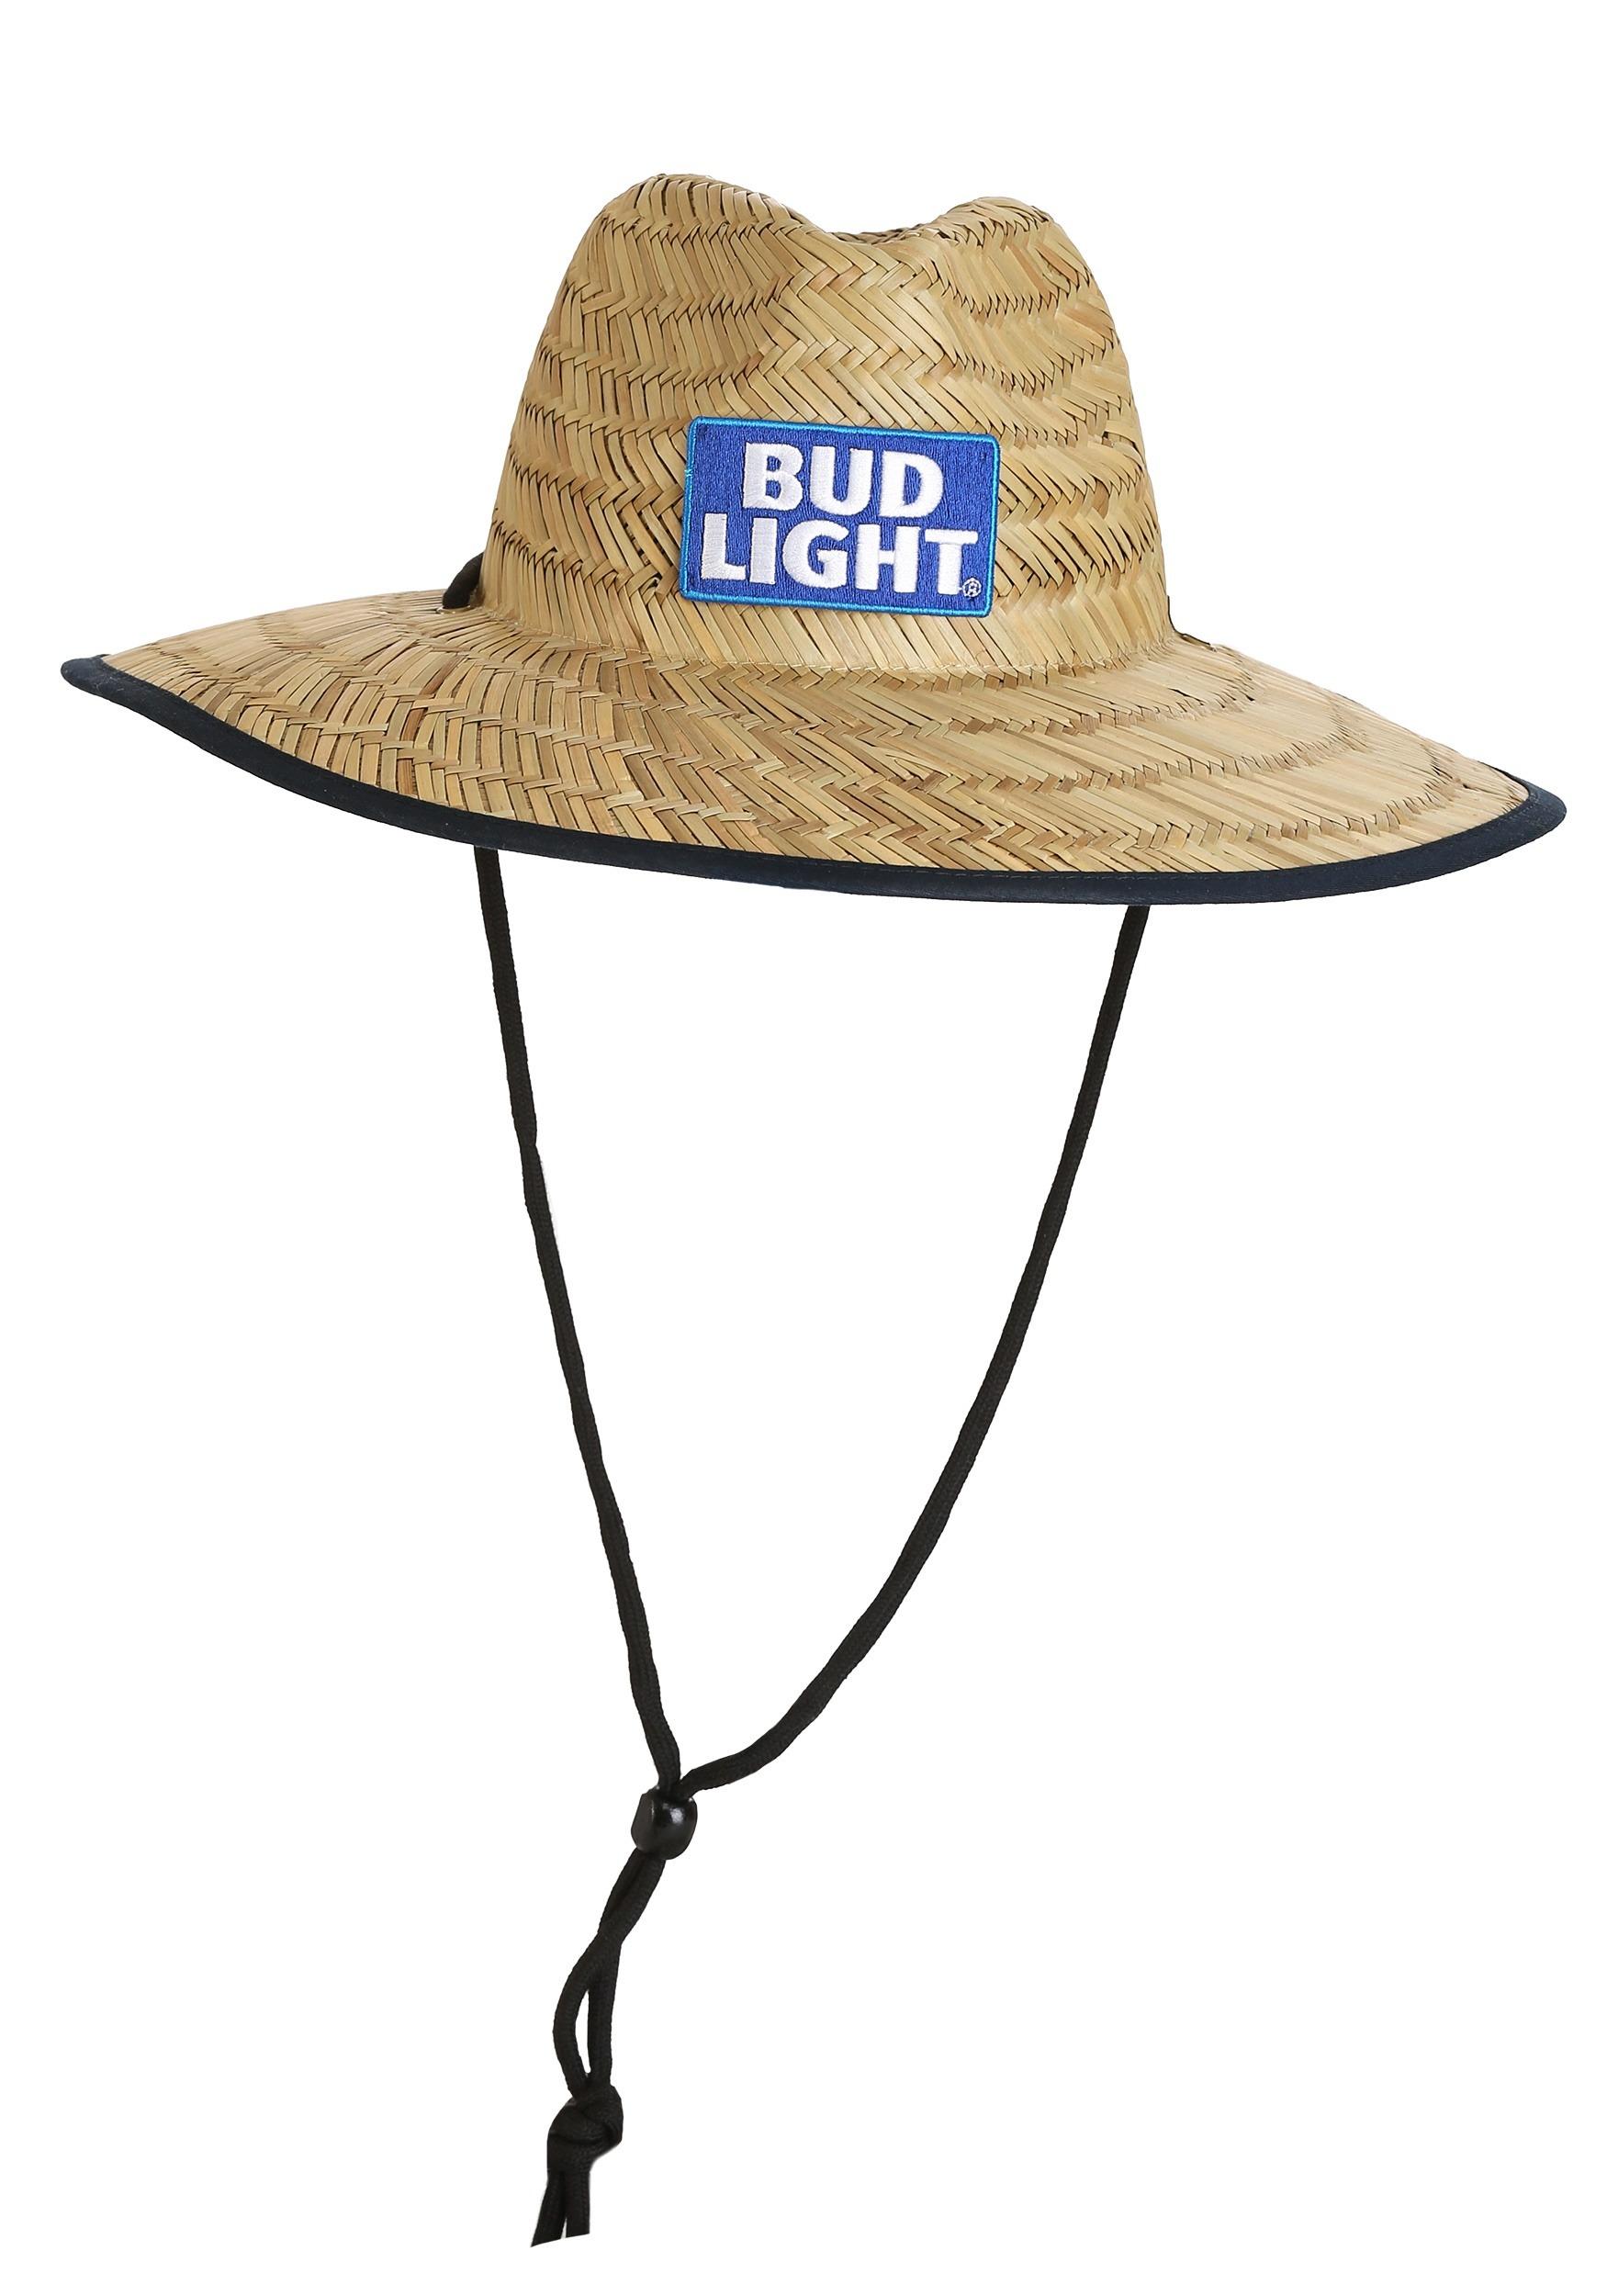 fb35f0ddc020d Bud Light Lifeguard Woven Straw Drawstring Hat